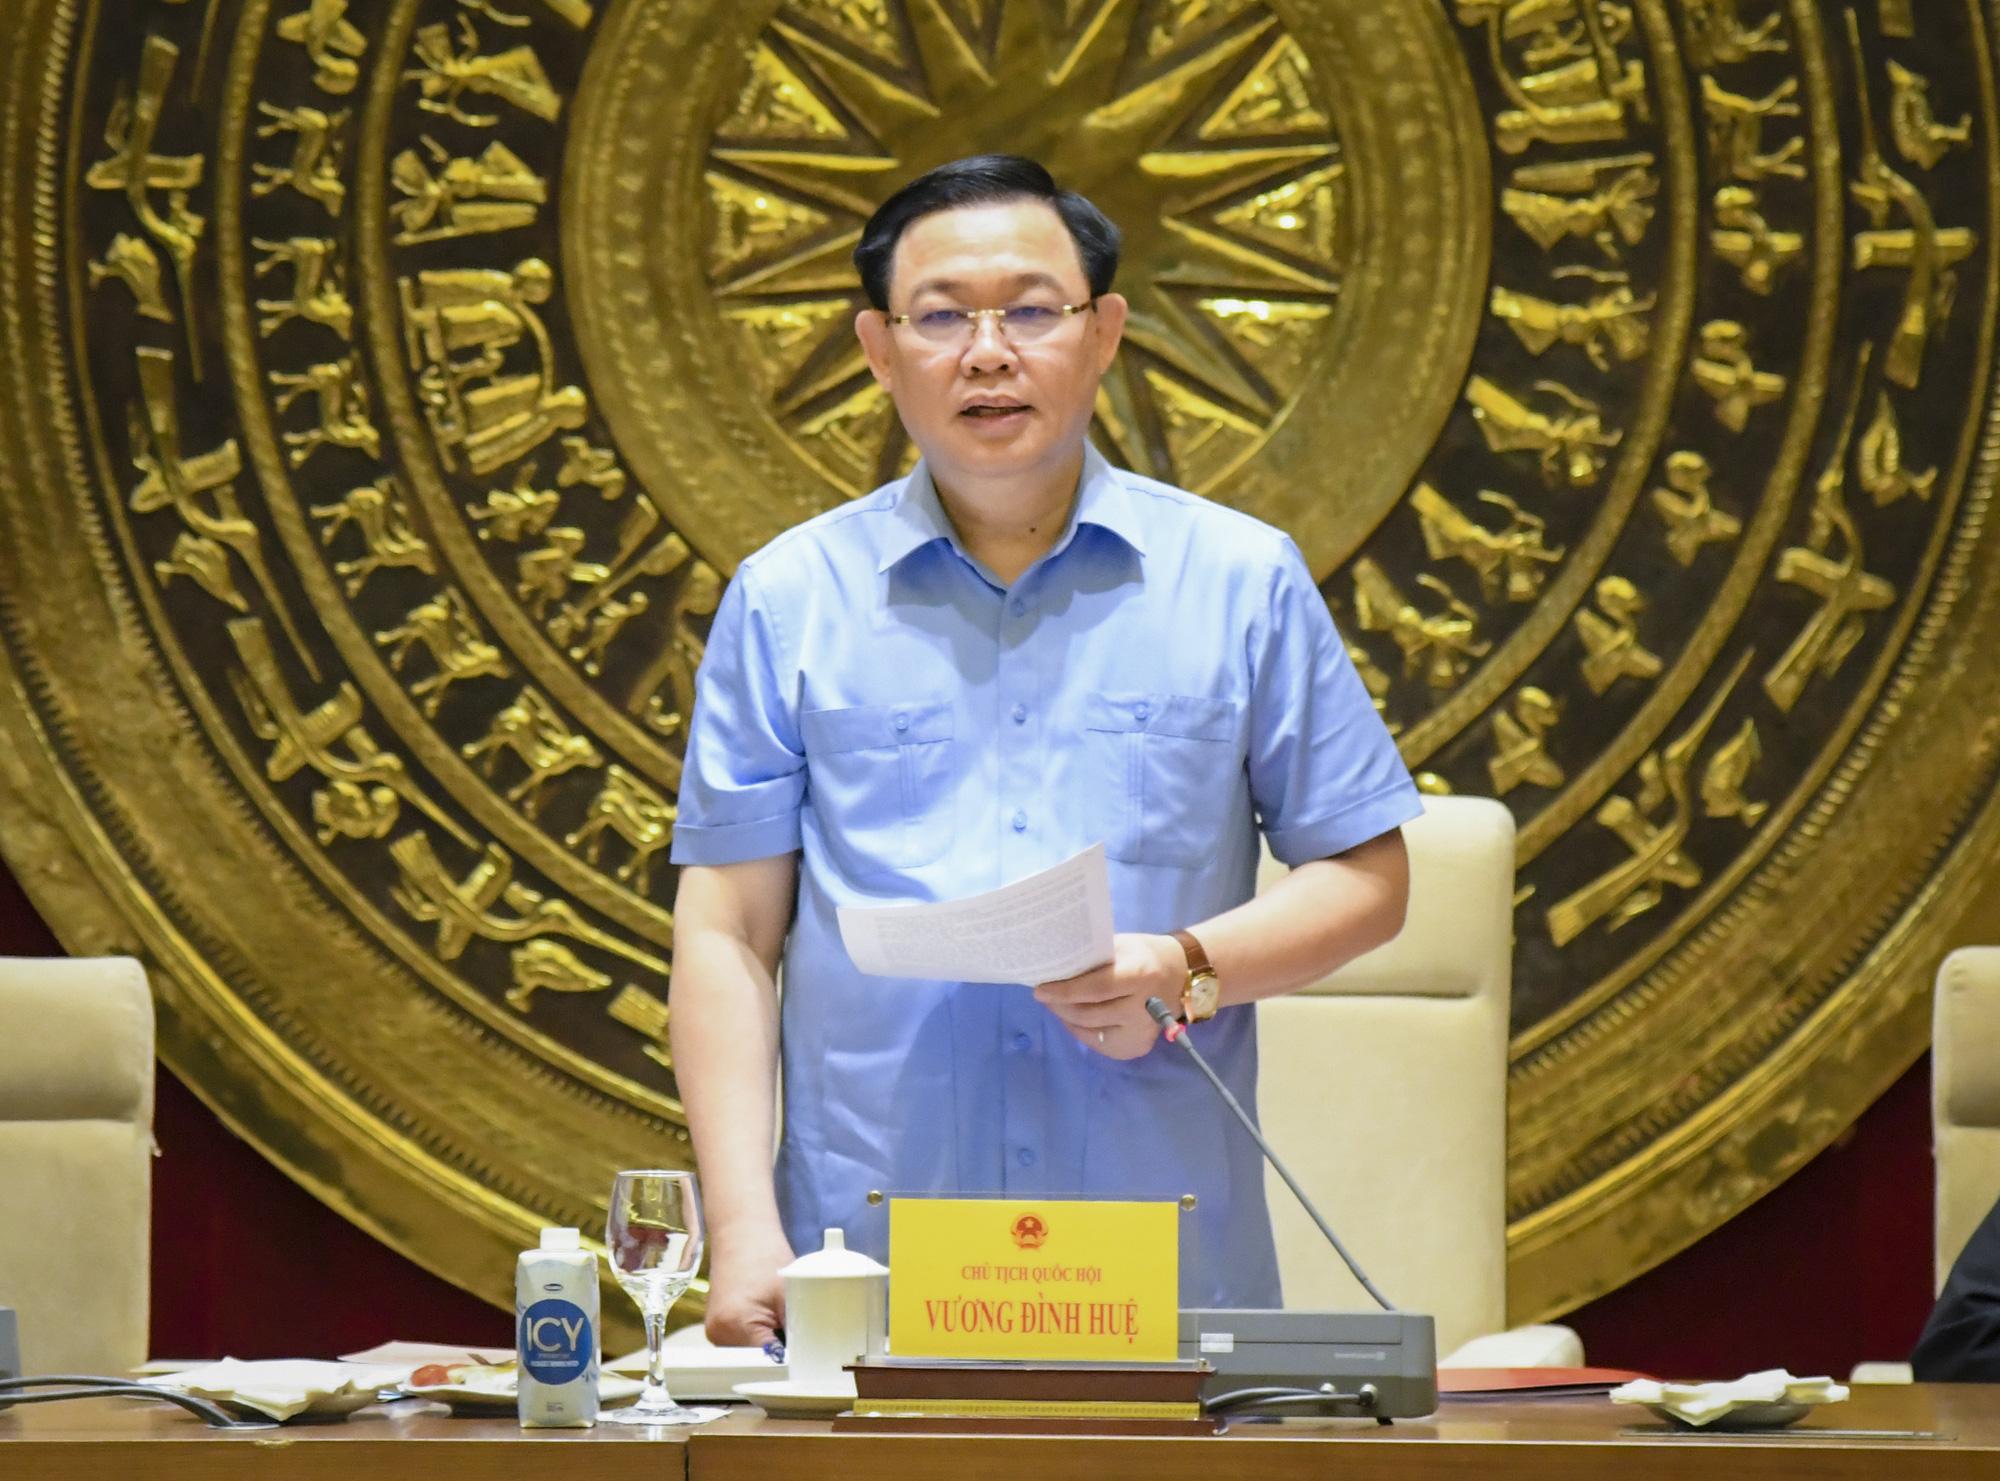 Ảnh: Chủ tịch Quốc hội Vương Đình Huệ làm việc với Hội đồng Dân tộc - Ảnh 4.